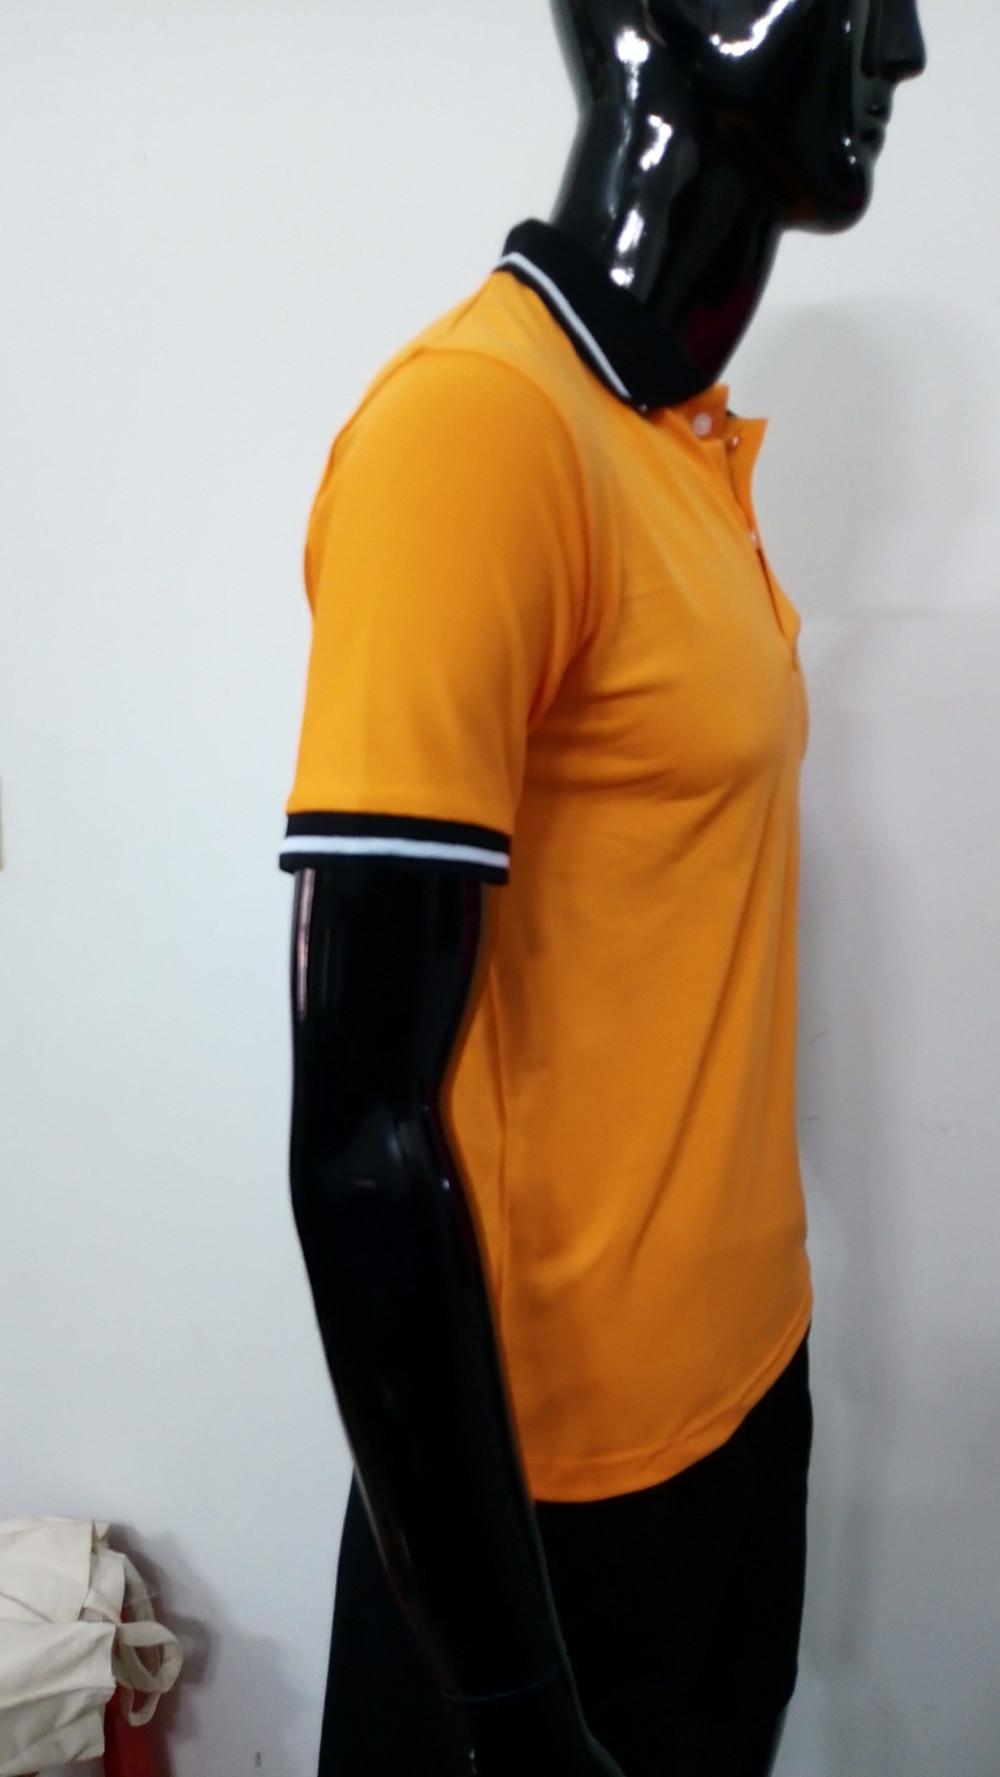 Mẫu áo thun cá sấu màu cam - Đặt may áo thun số lượng ít từ 20 áo/mẫu 2